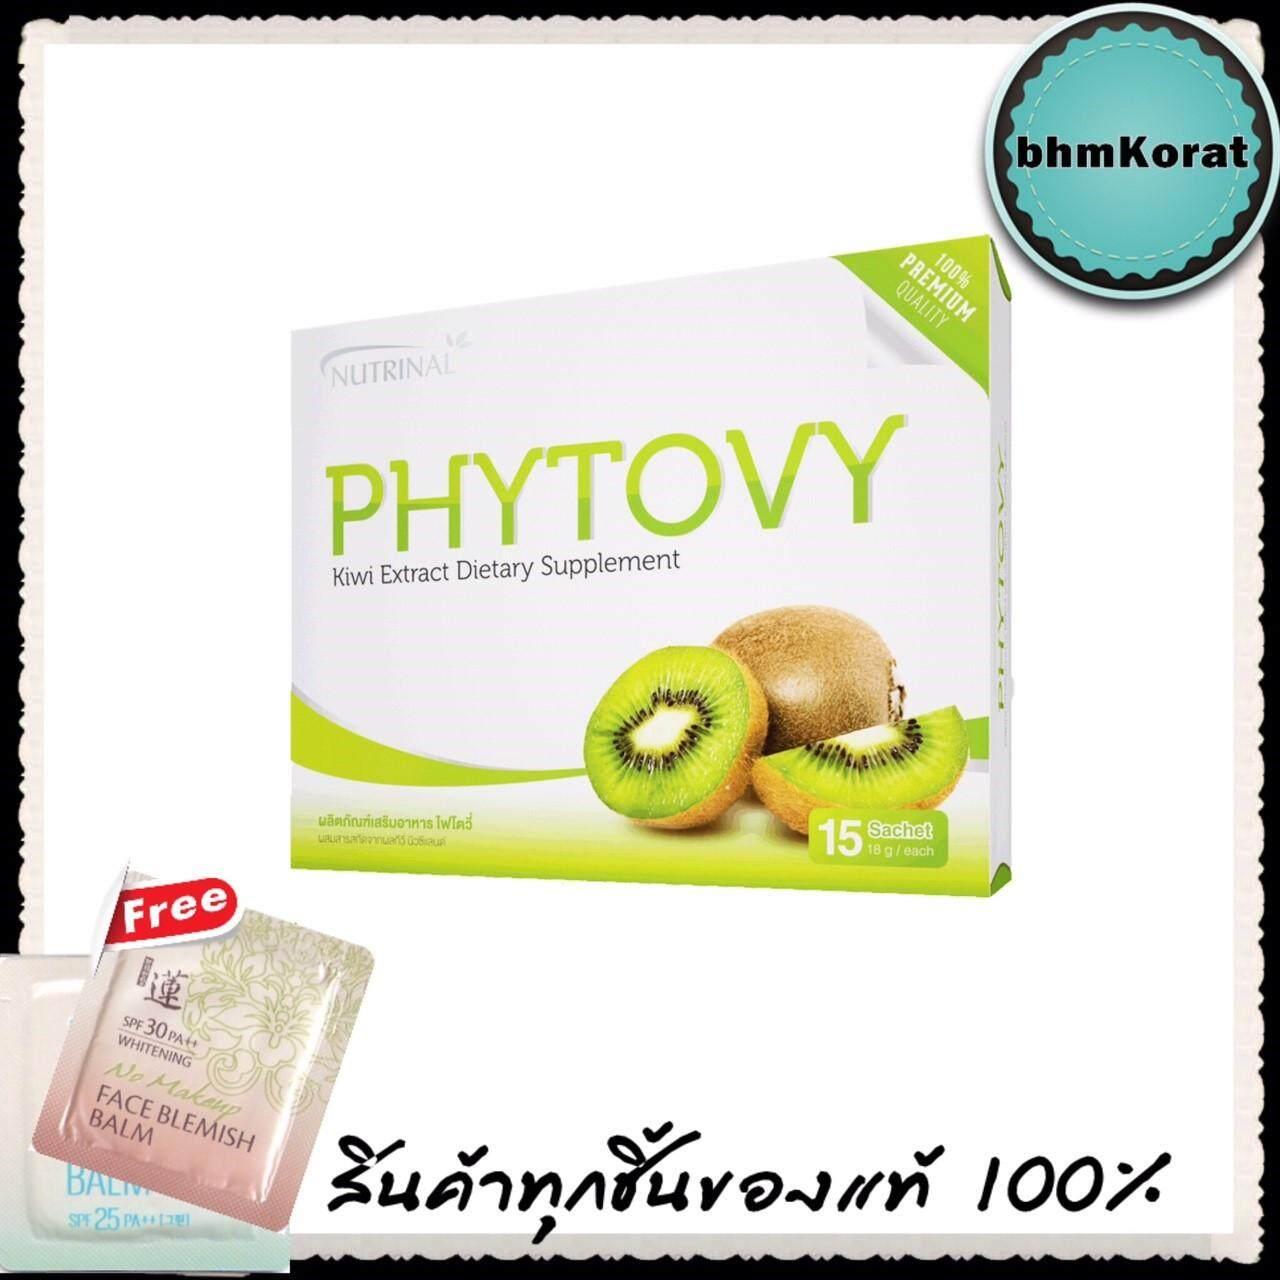 ราคา Phytovy Detox ดีท็อกล้างลำไส้ ไฟโตวี่ 15 ซอง 1 กล่อง เป็นต้นฉบับ